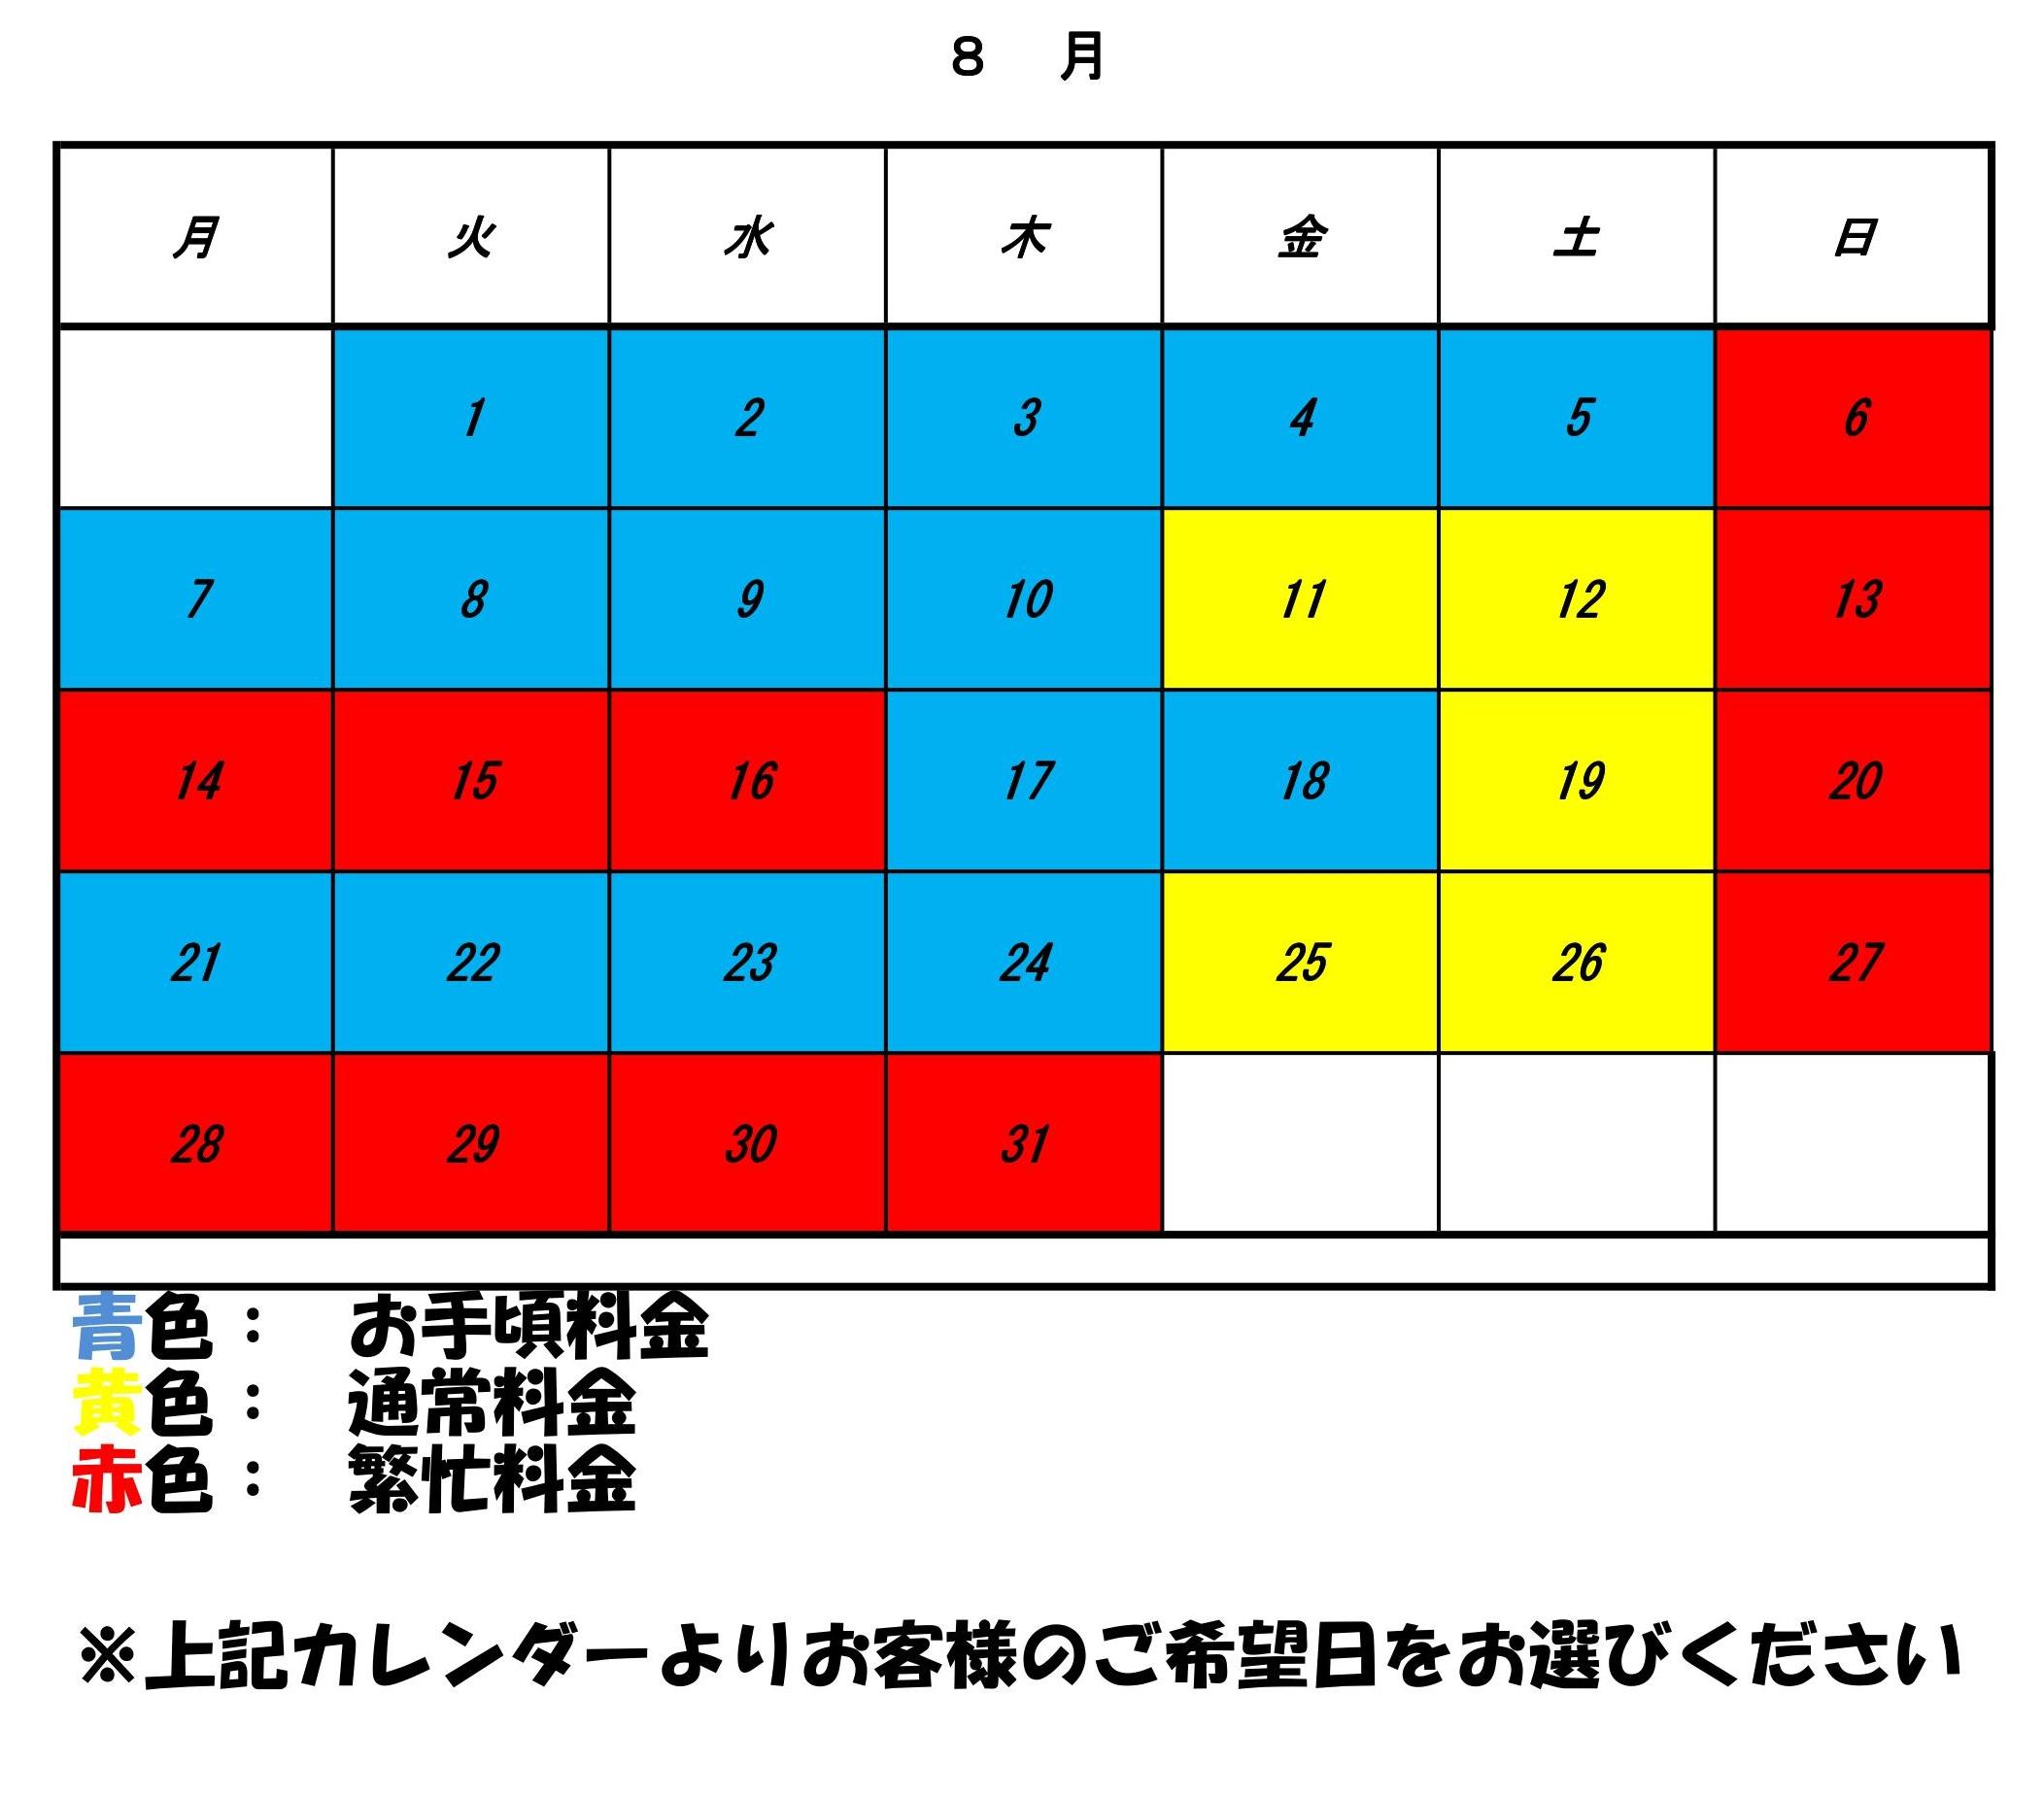 http://www.ikedapiano.co.jp/0001%20%2827%29.jpg